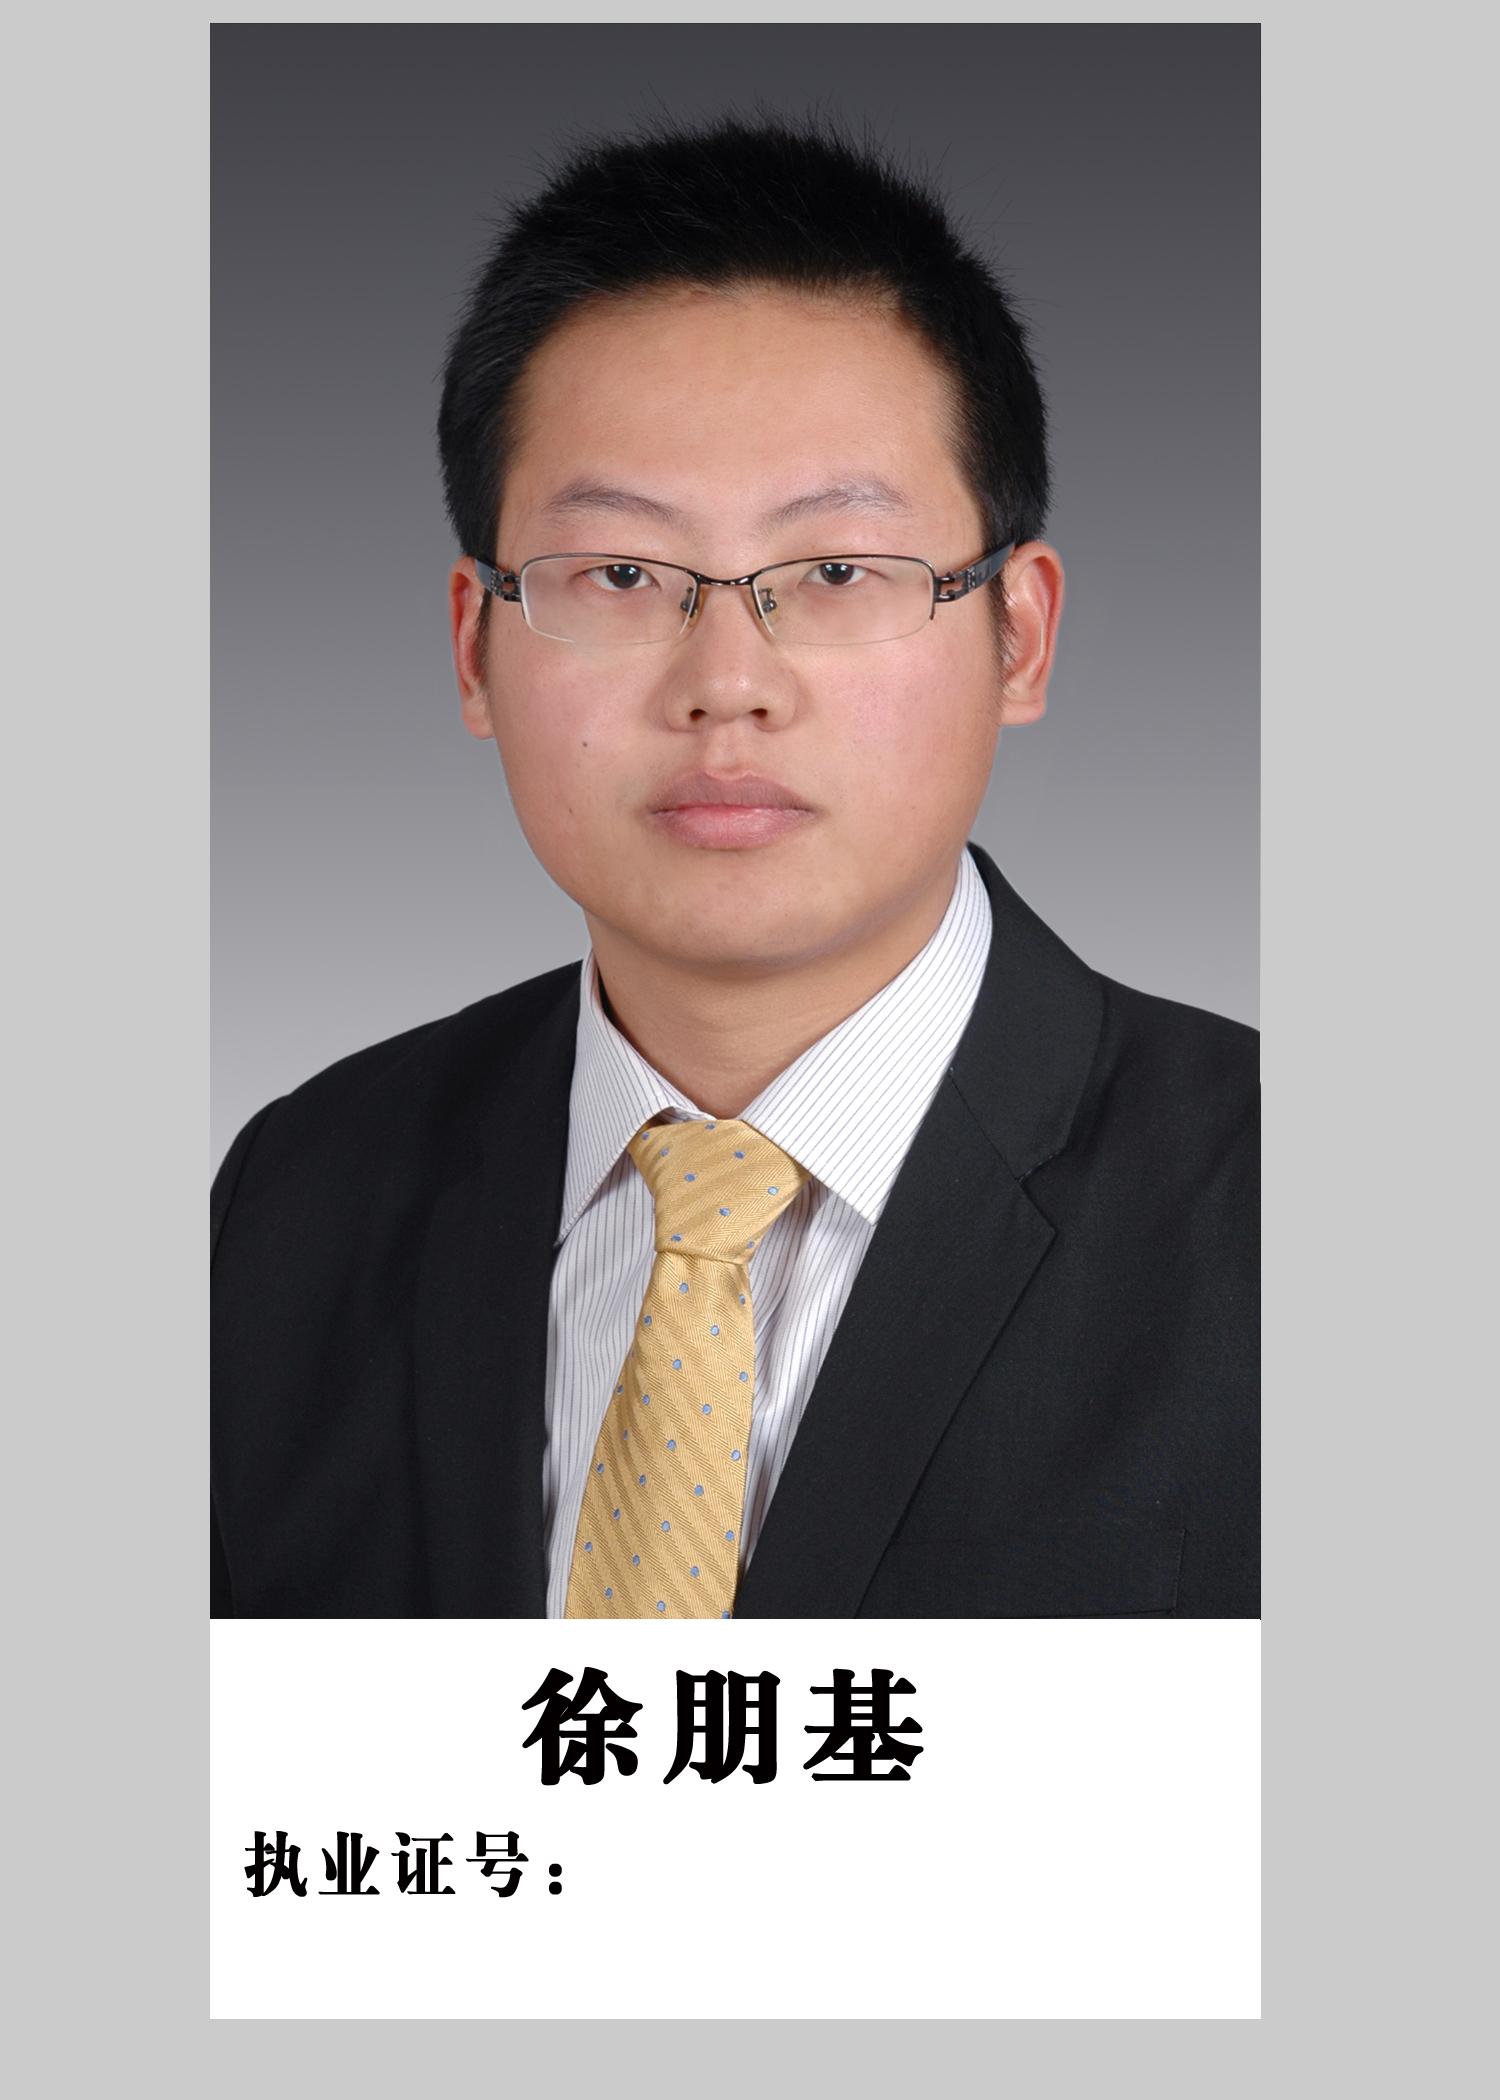 山东青岛 徐朋基律师